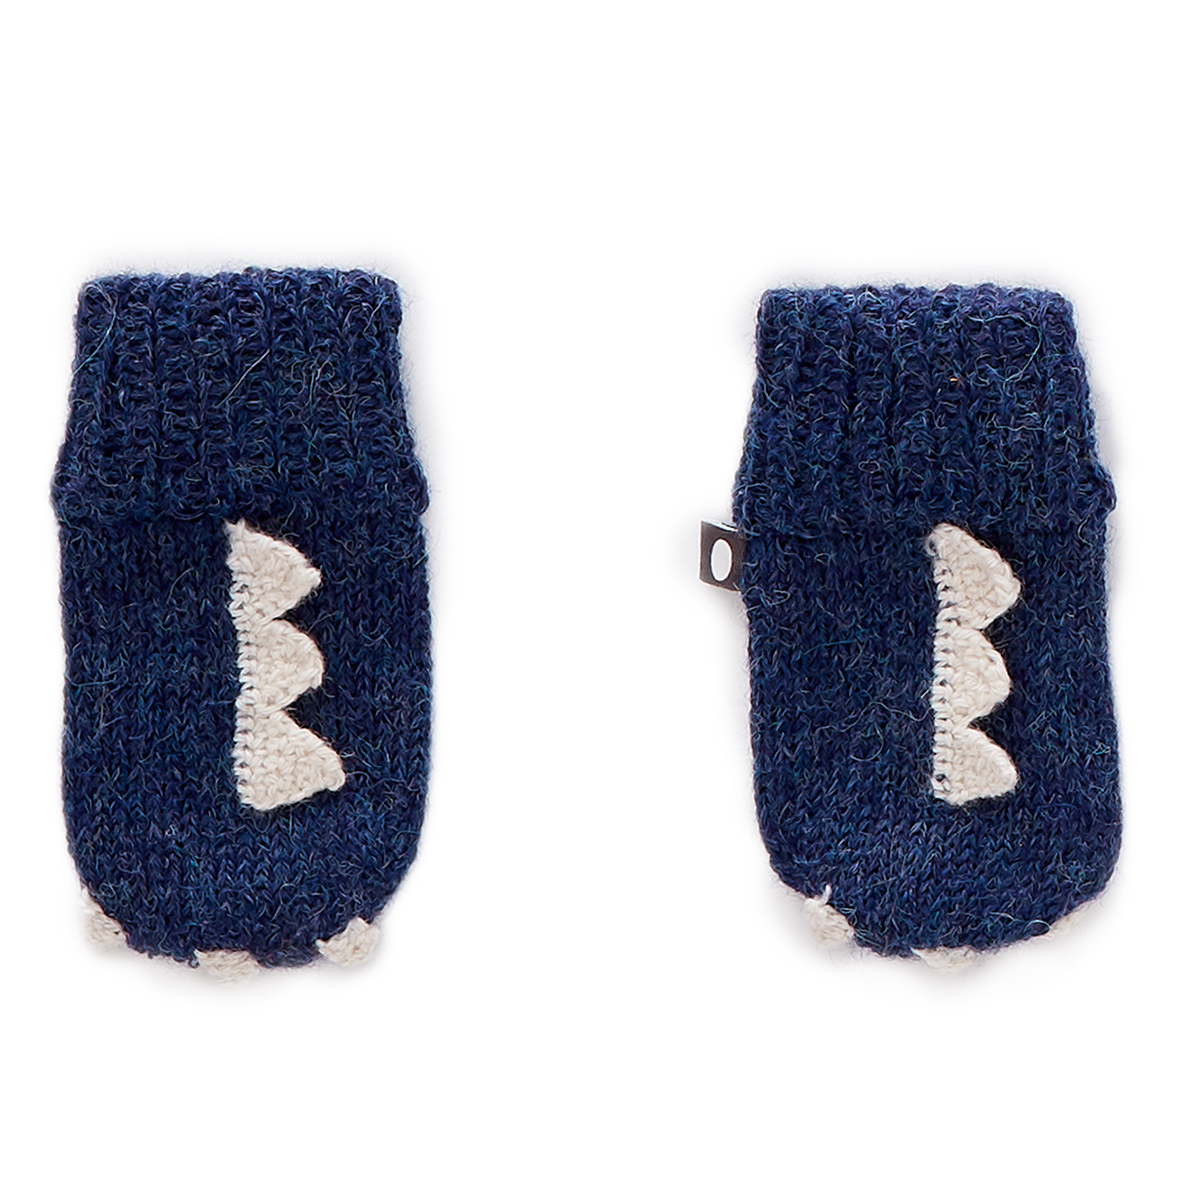 Accessoires Bébé Moufles Monstre Bleu - 2/4 Ans Moufles Monstre Bleu - 2/4 Ans